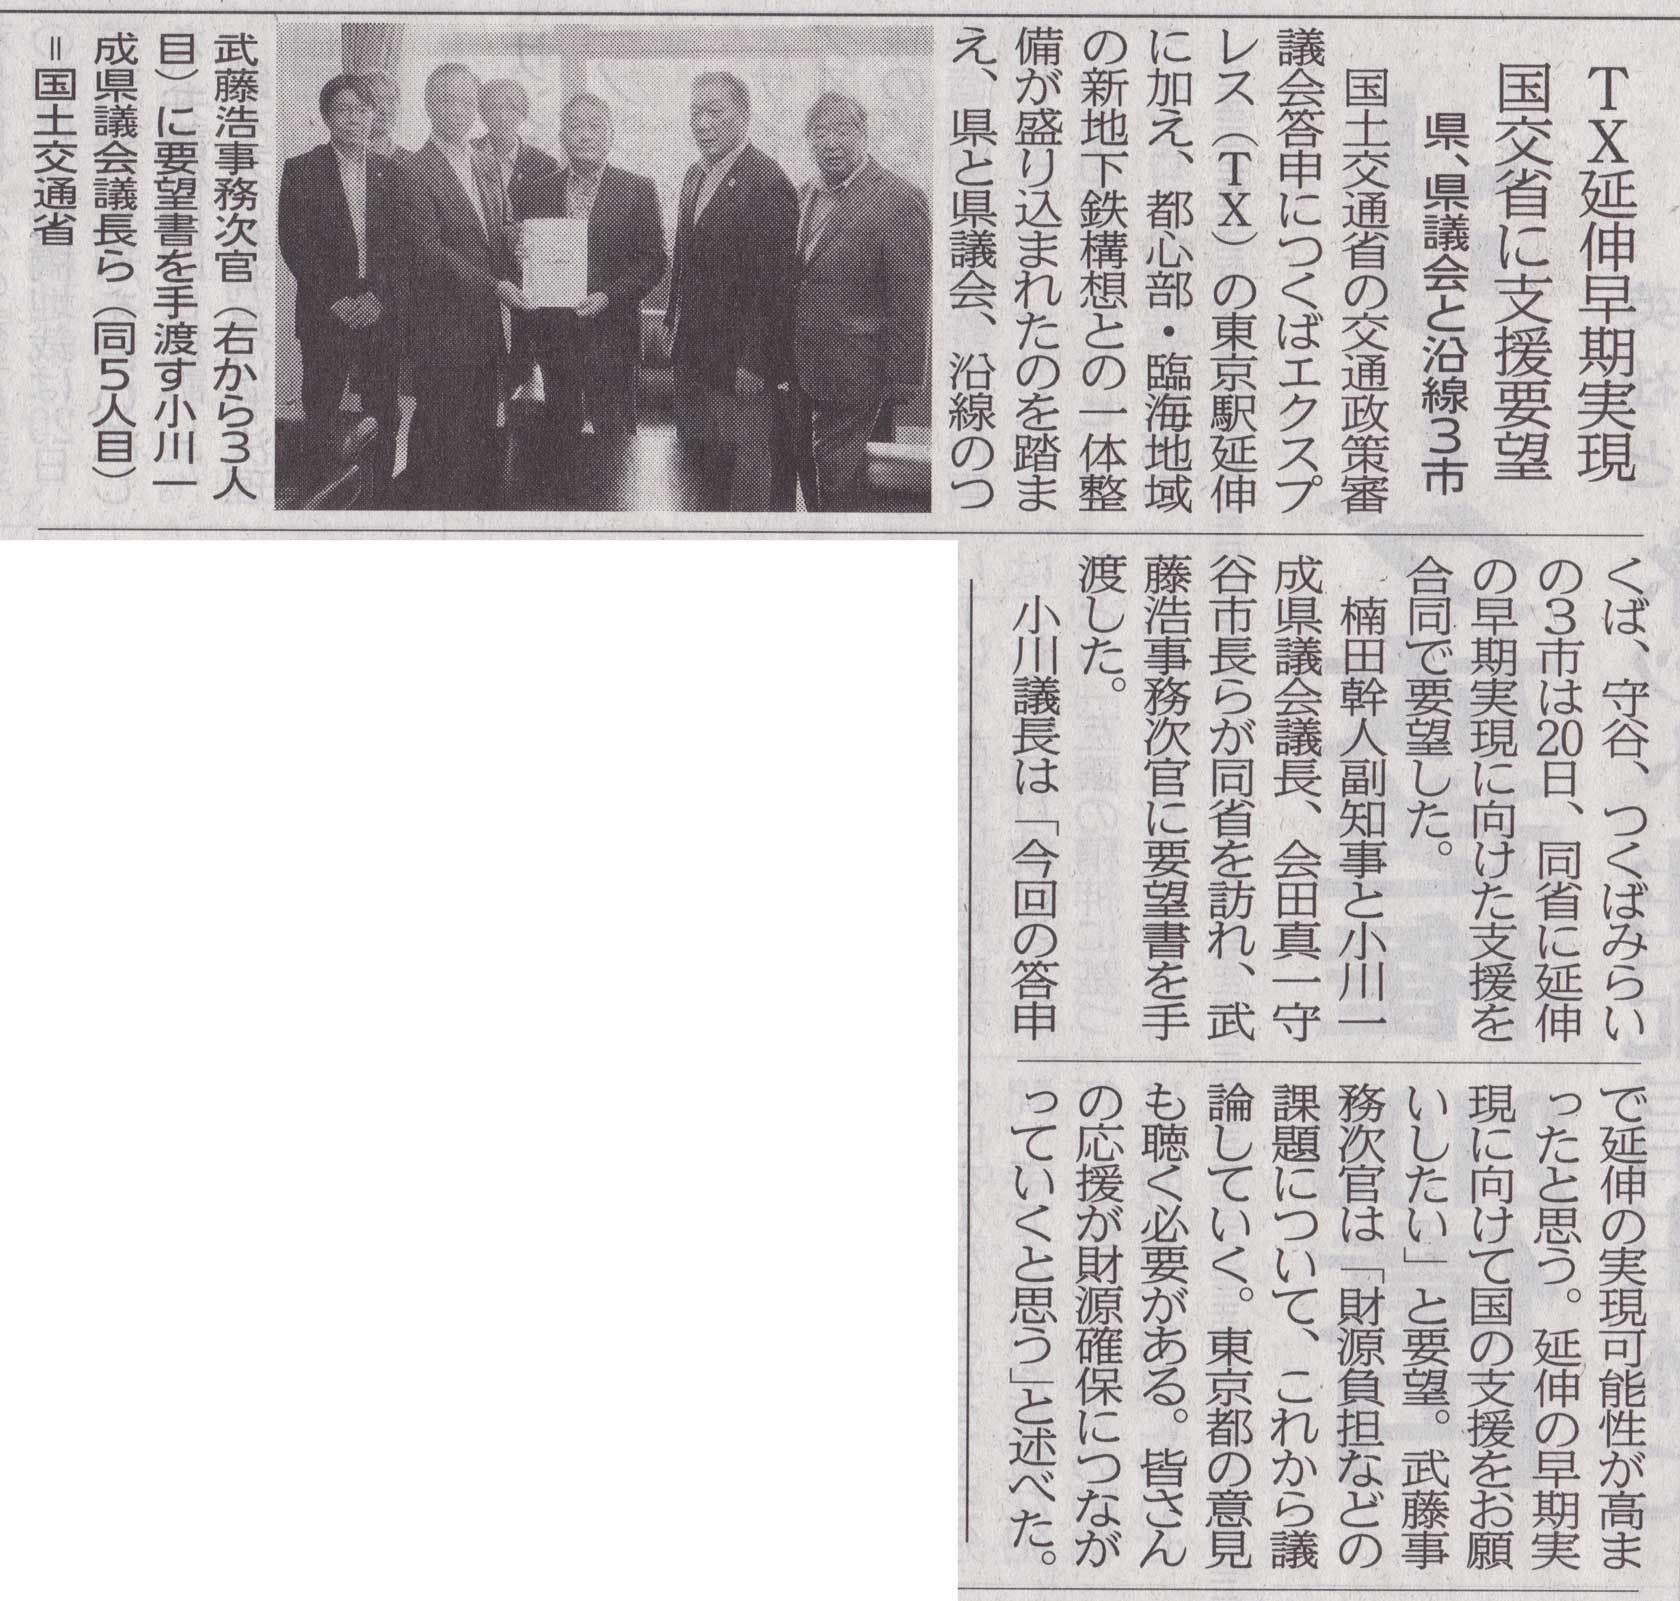 2016年7月21日 茨城新聞